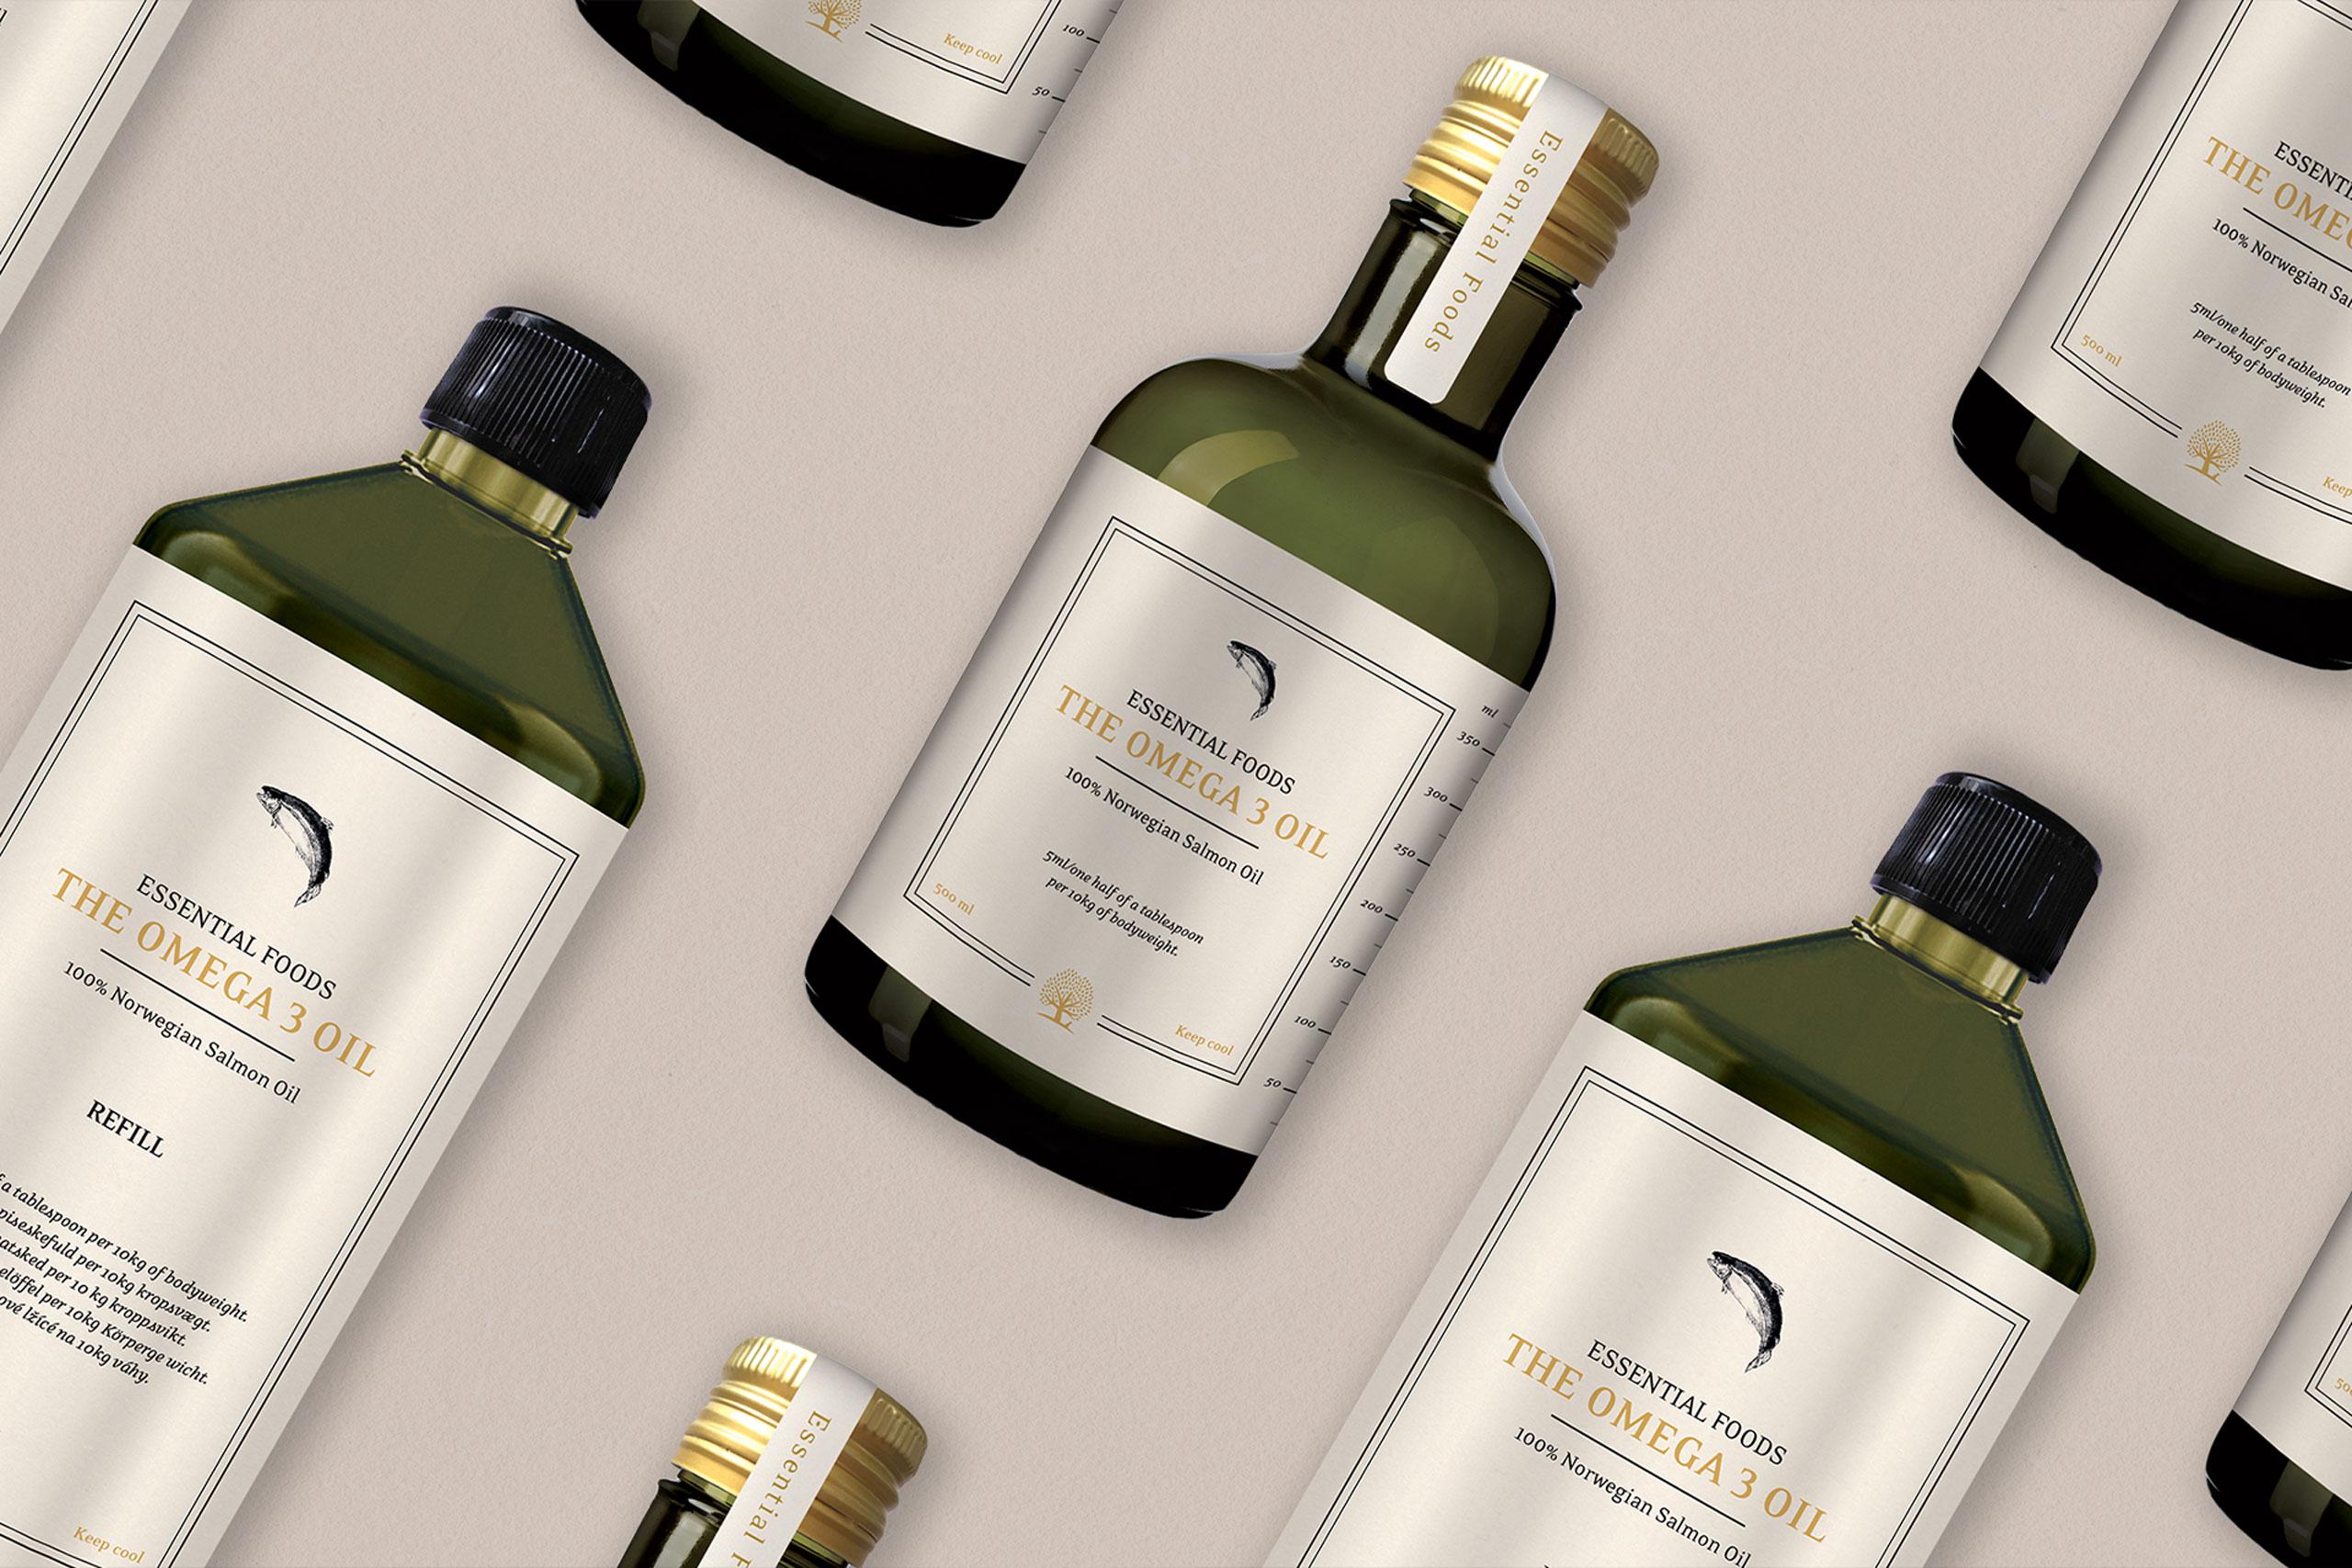 Green oil bottles with Omega 3